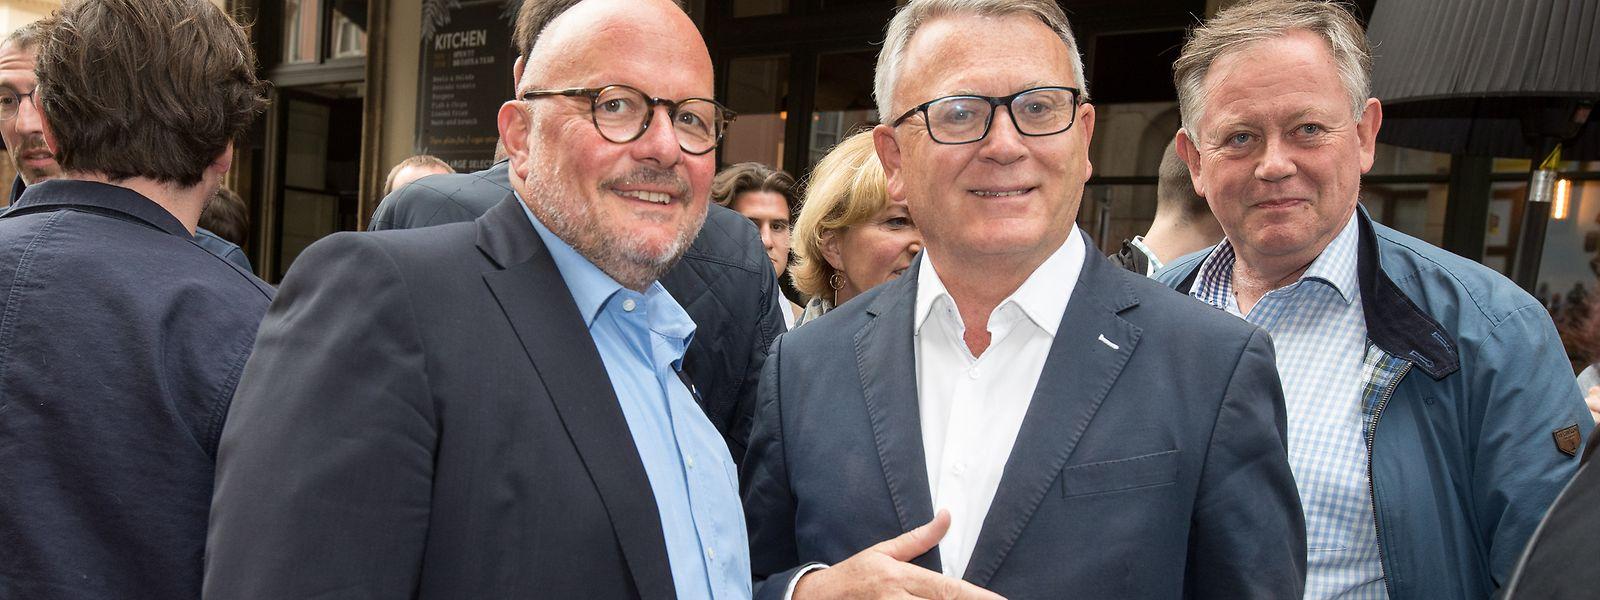 Marc Angel (r.) und Nicolas Schmit hatten gut lachen: Wenn alles nach Plan läuft, könnte Angel nachrücken, wenn Schmit in die Kommission wechselt.